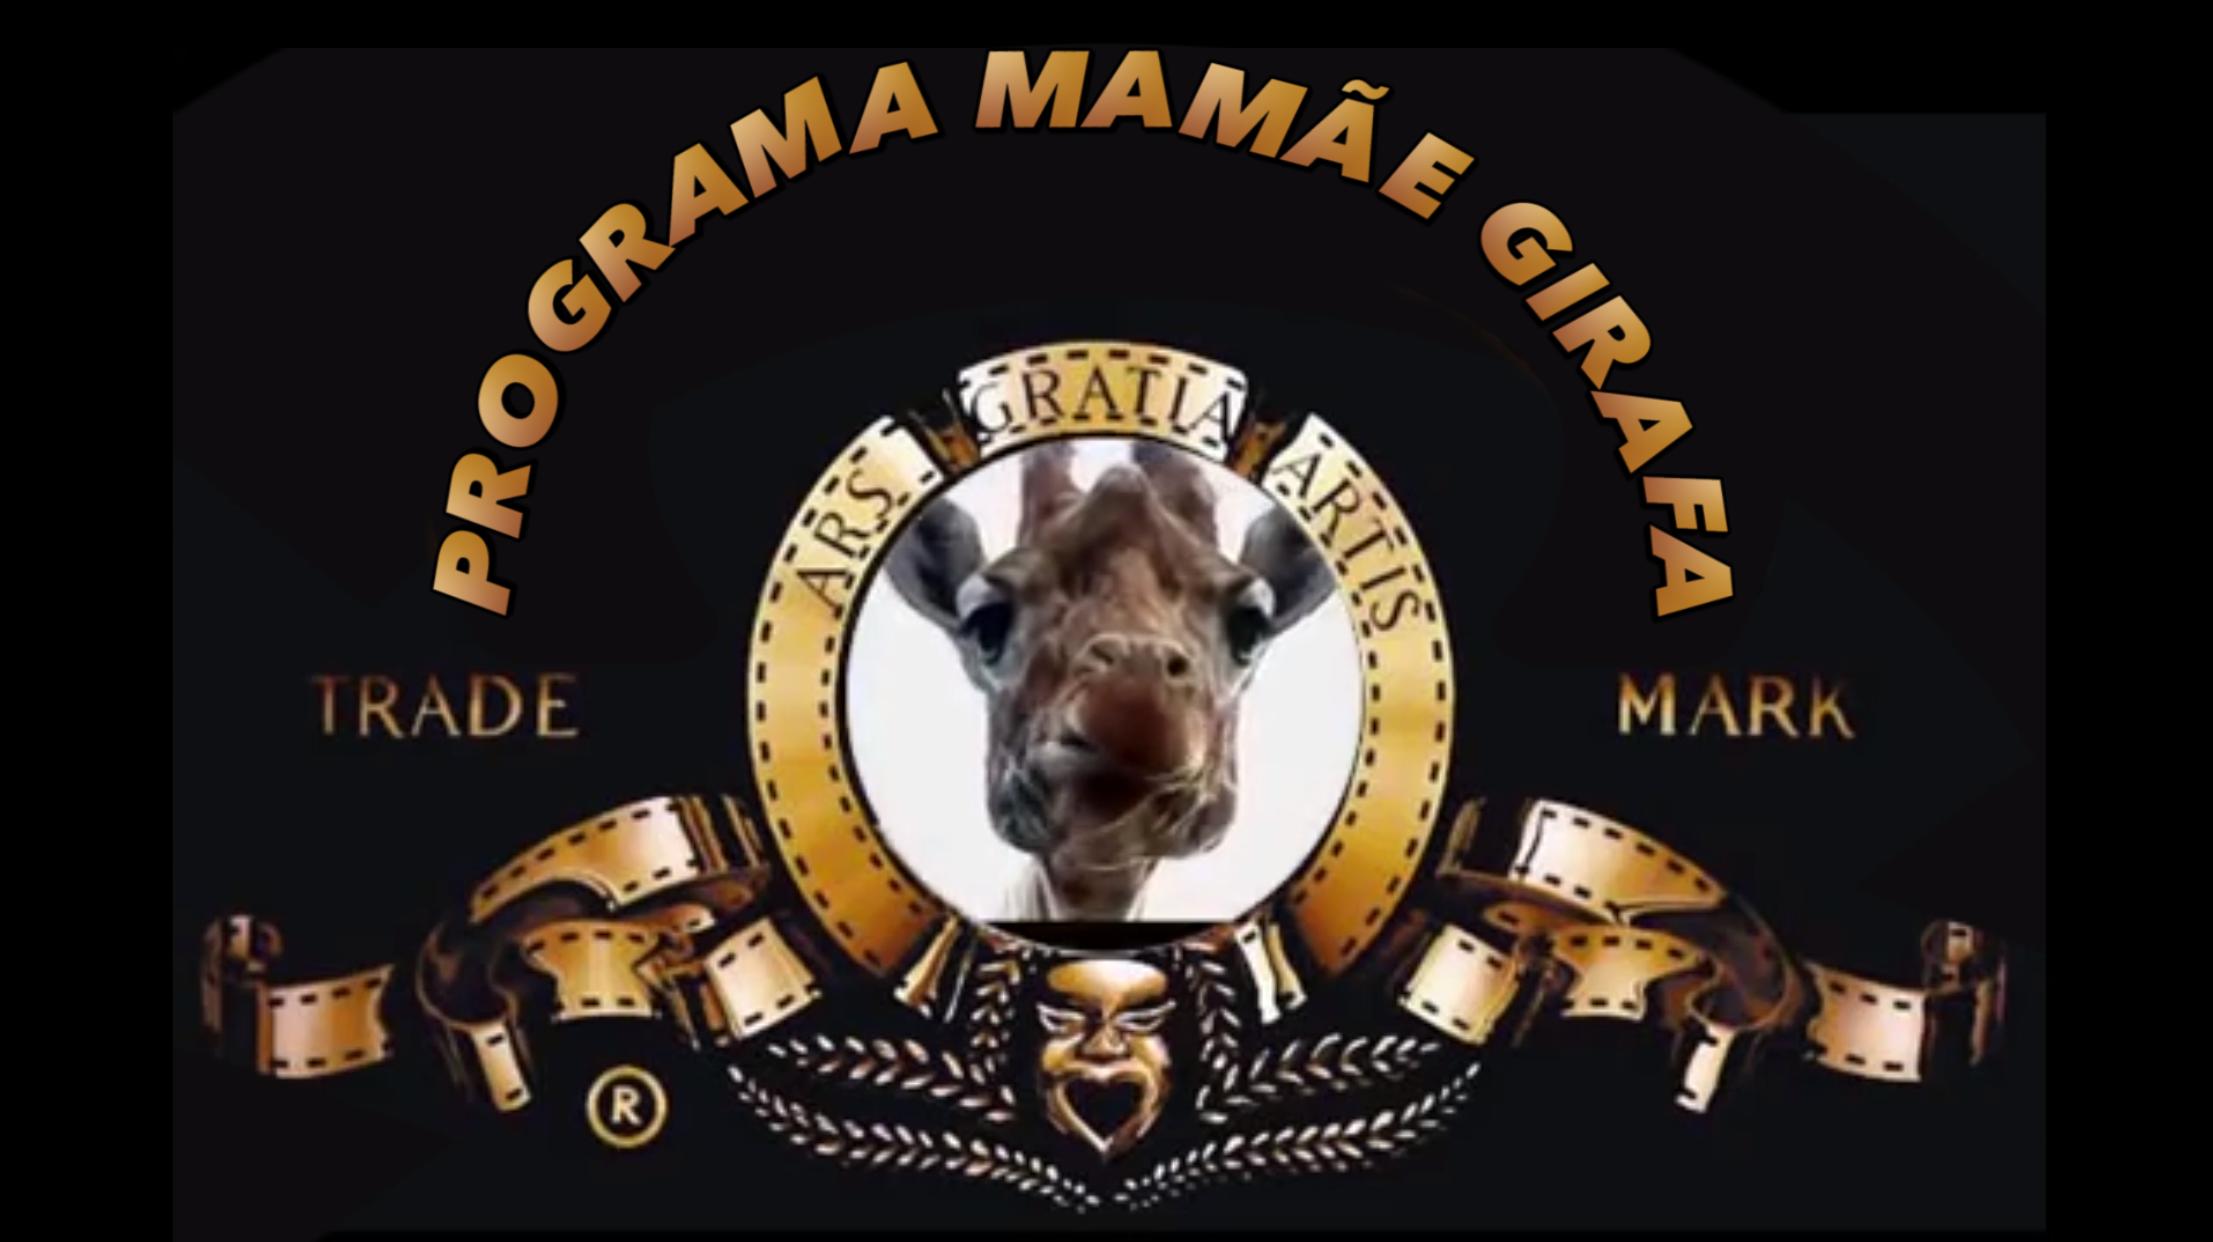 MAMAE GIRAFA MENSAGENS SUBLIMINARES --.07.19